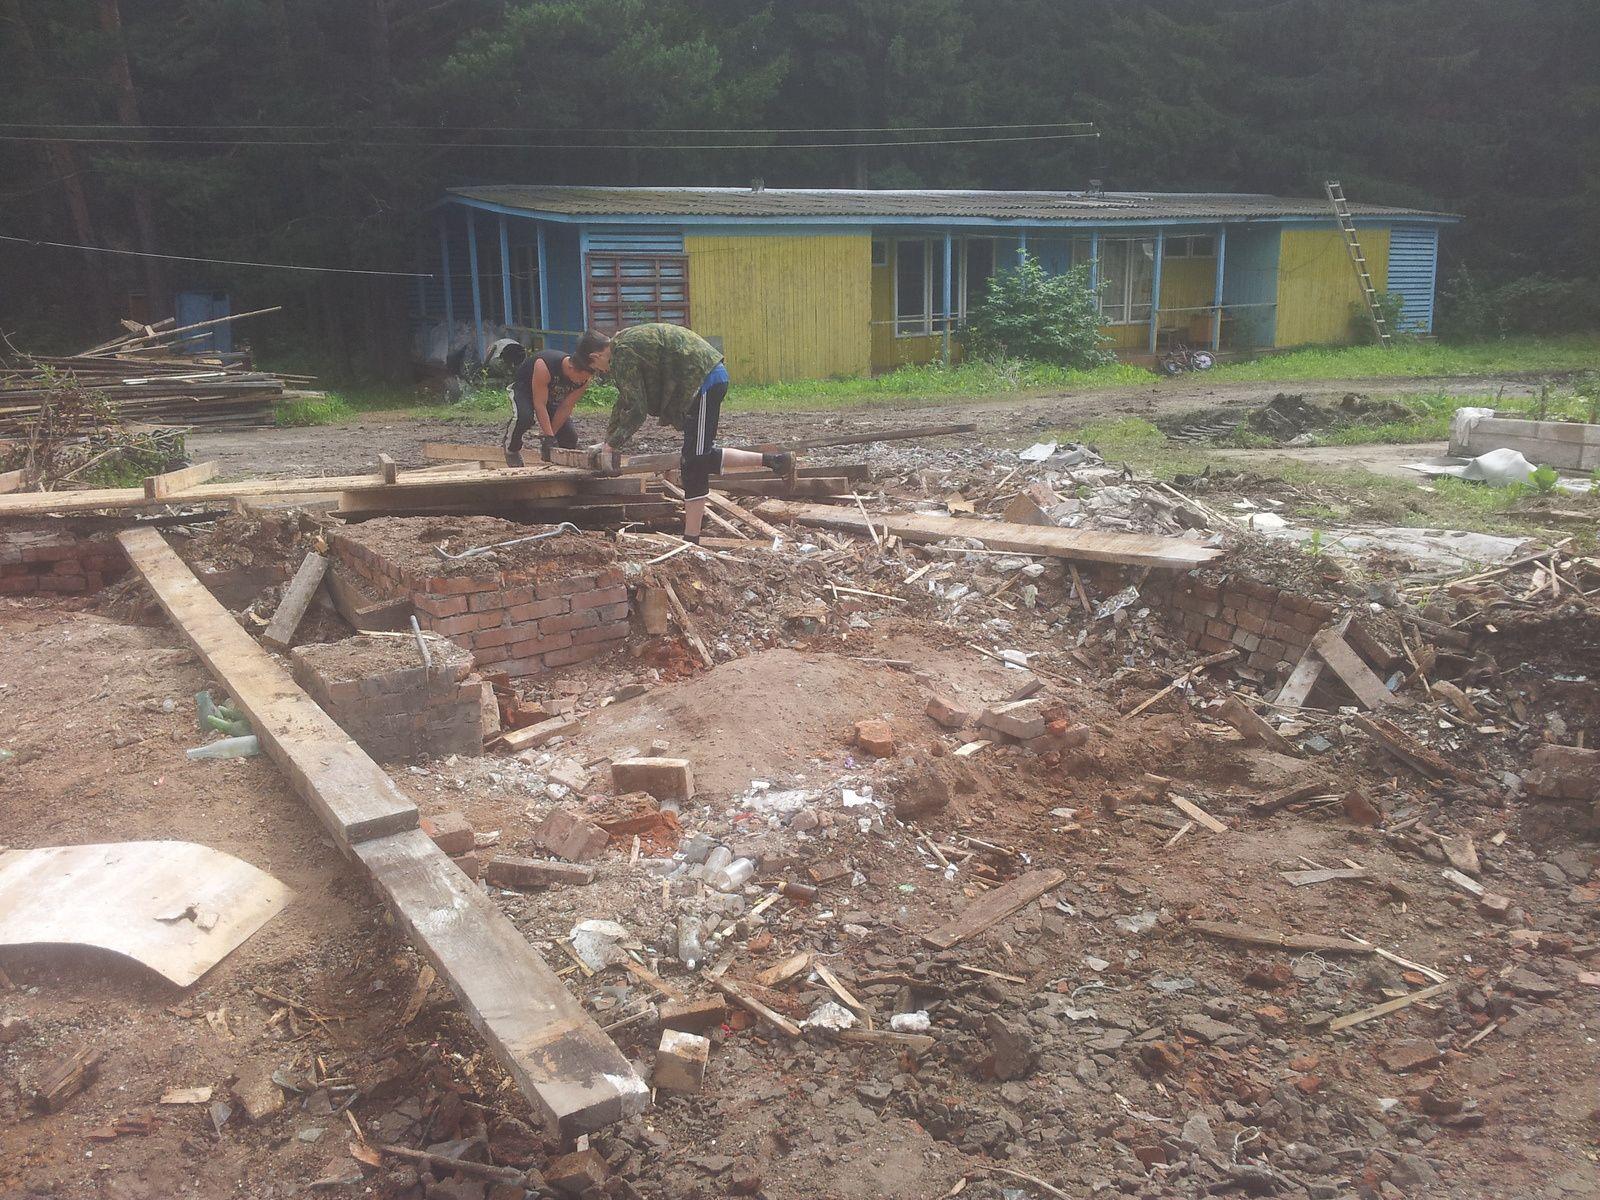 Ici des photo de la place dégagé par le bâtiments démonté et prêt pour la maison ronde en bois cordé et ensuite le club au début des travaux.